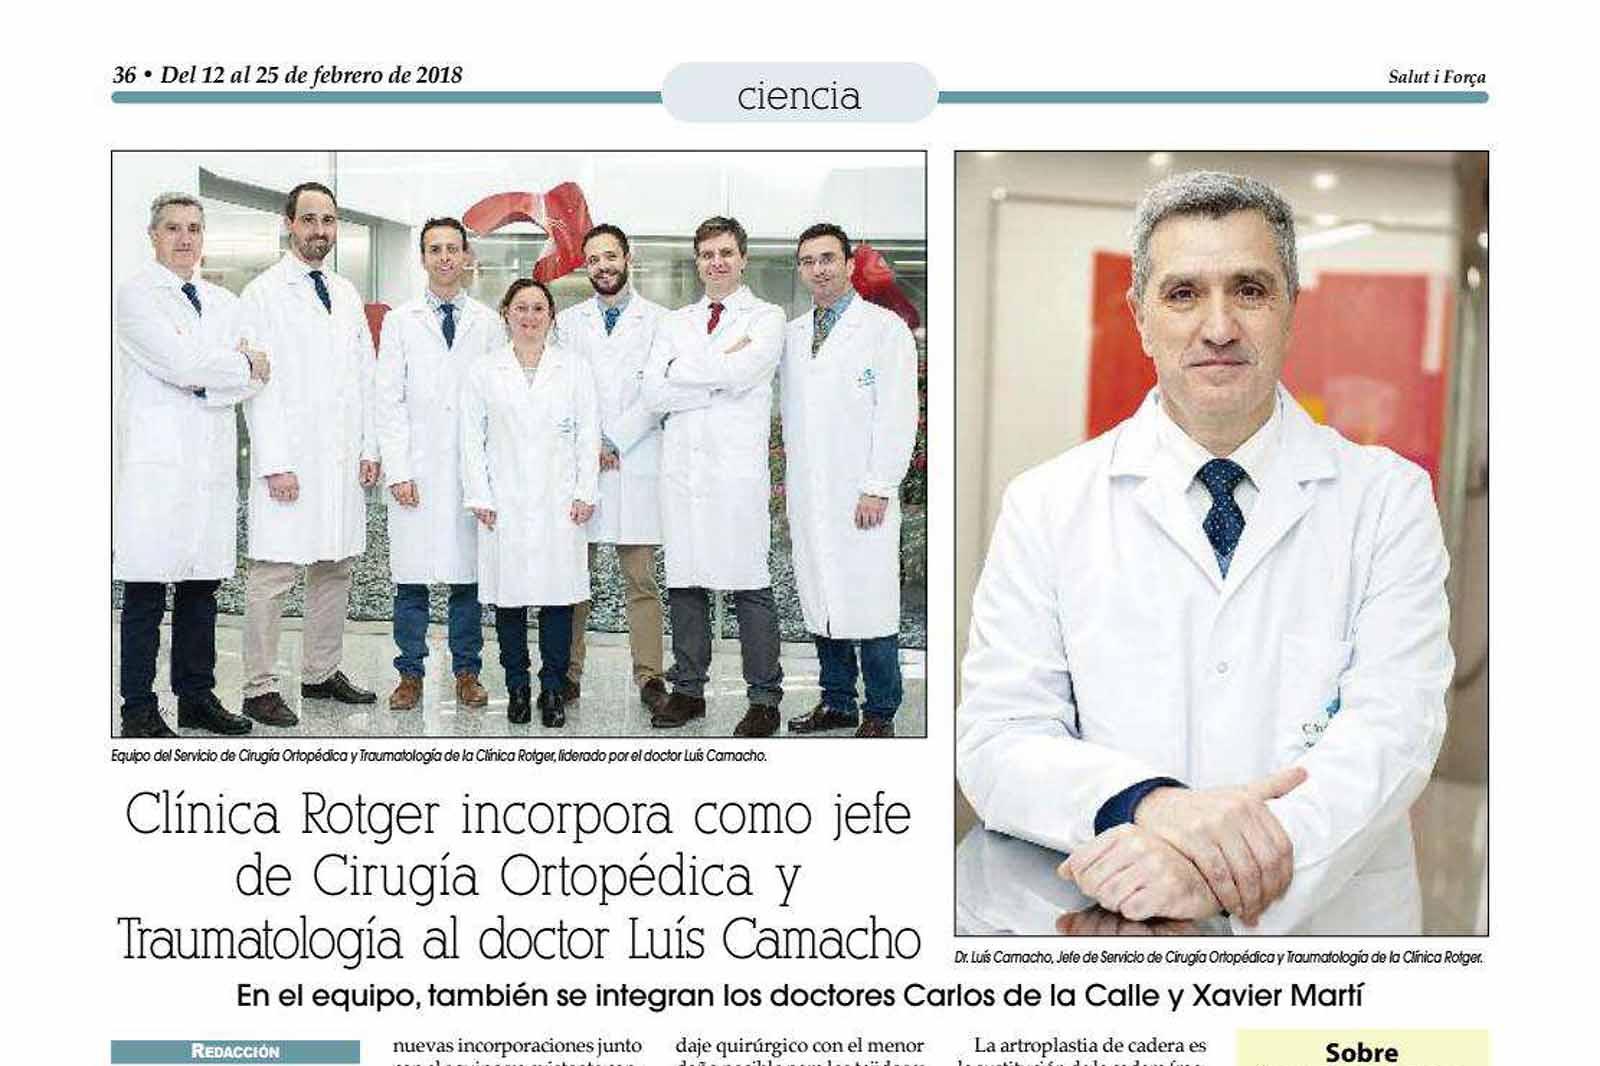 Clínica Rotger incorpora como jefe de Cirugía Ortopédica y Traumatología al Doctor Luís Camacho.